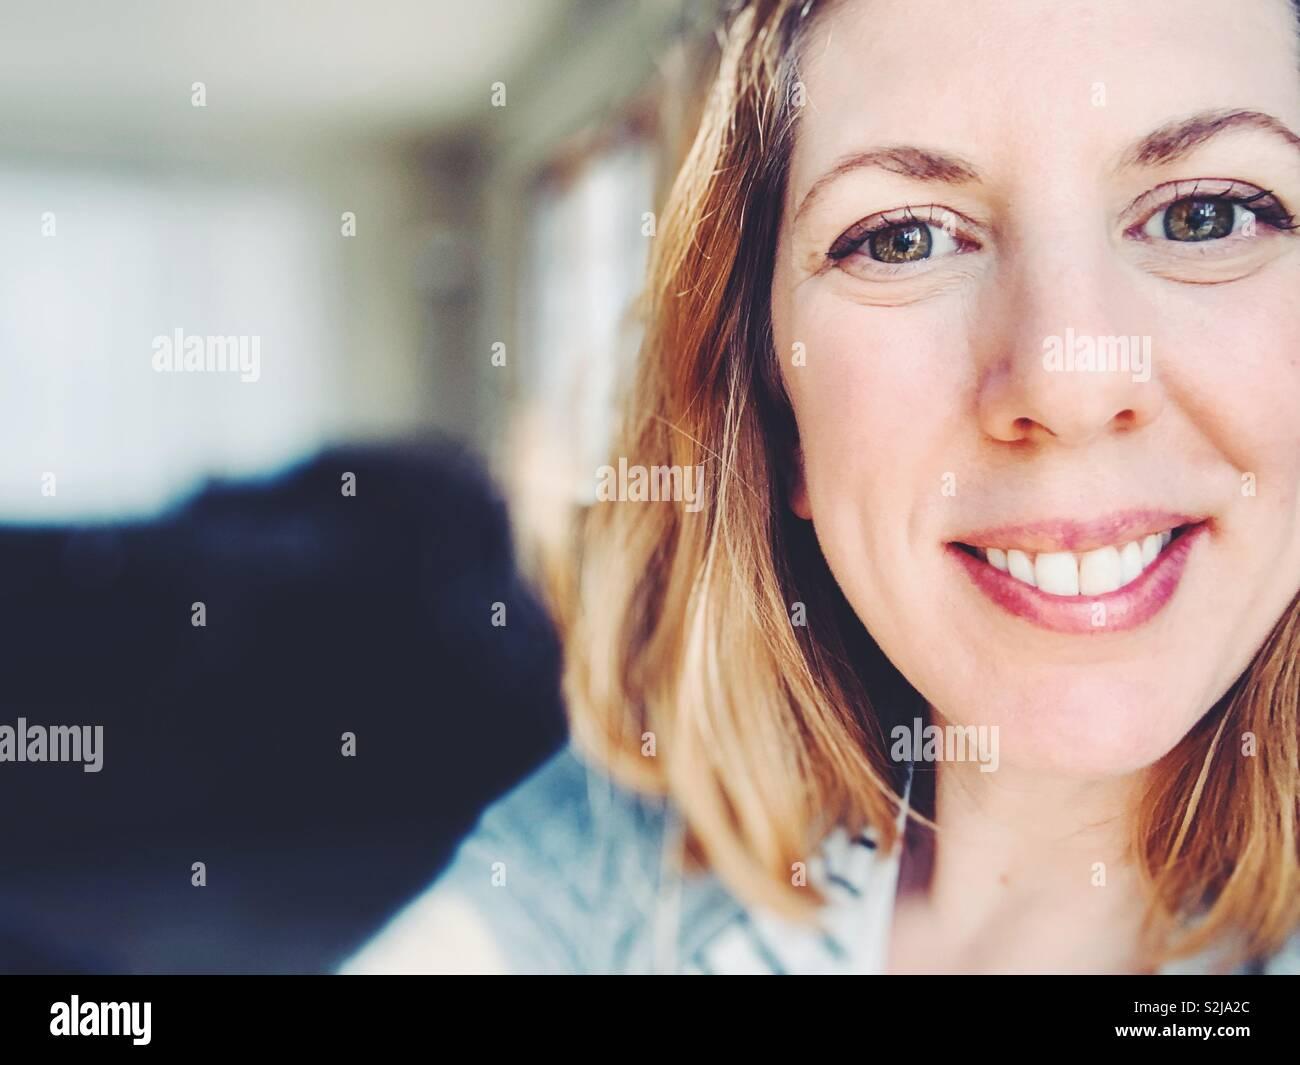 Smiling woman close up Banque D'Images